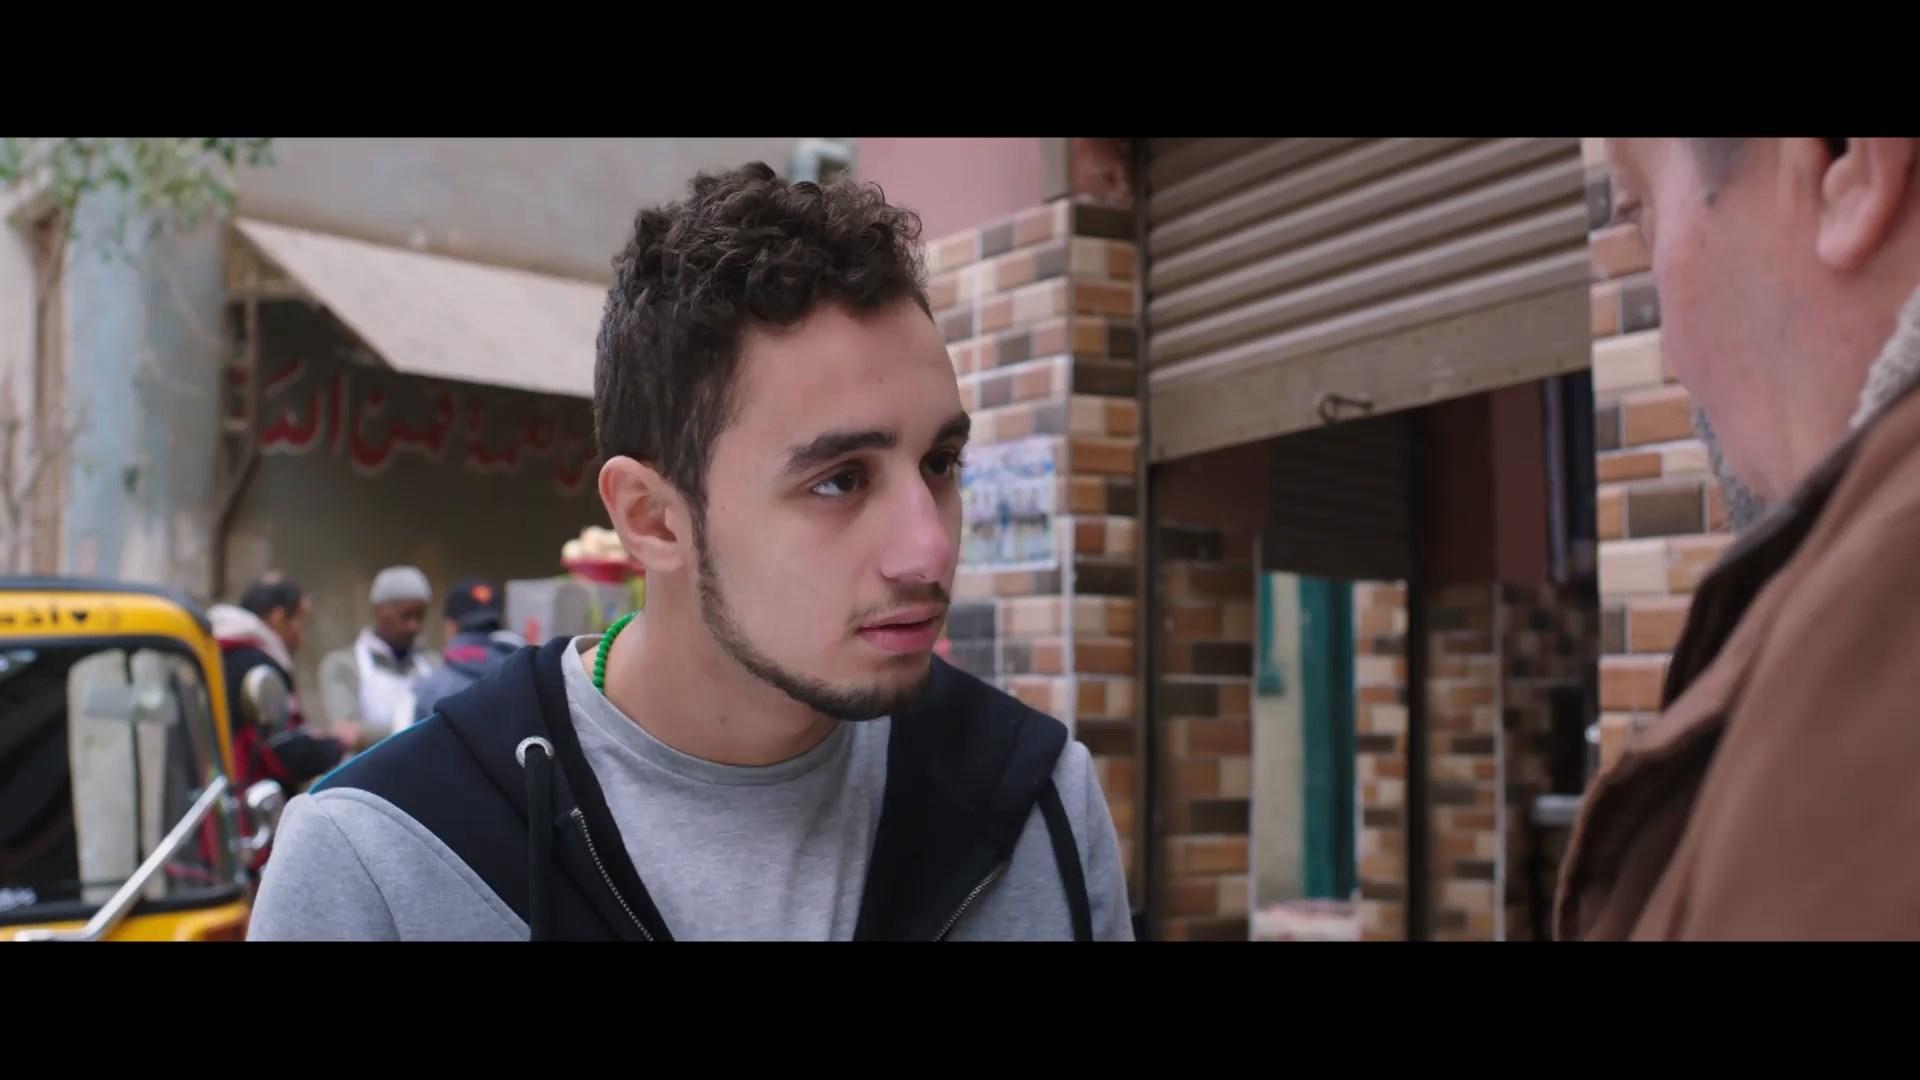 مسلسل قوت القلوب الجزء الثاني الحلقة الثالثة (2020) 1080p تحميل تورنت 2 arabp2p.com